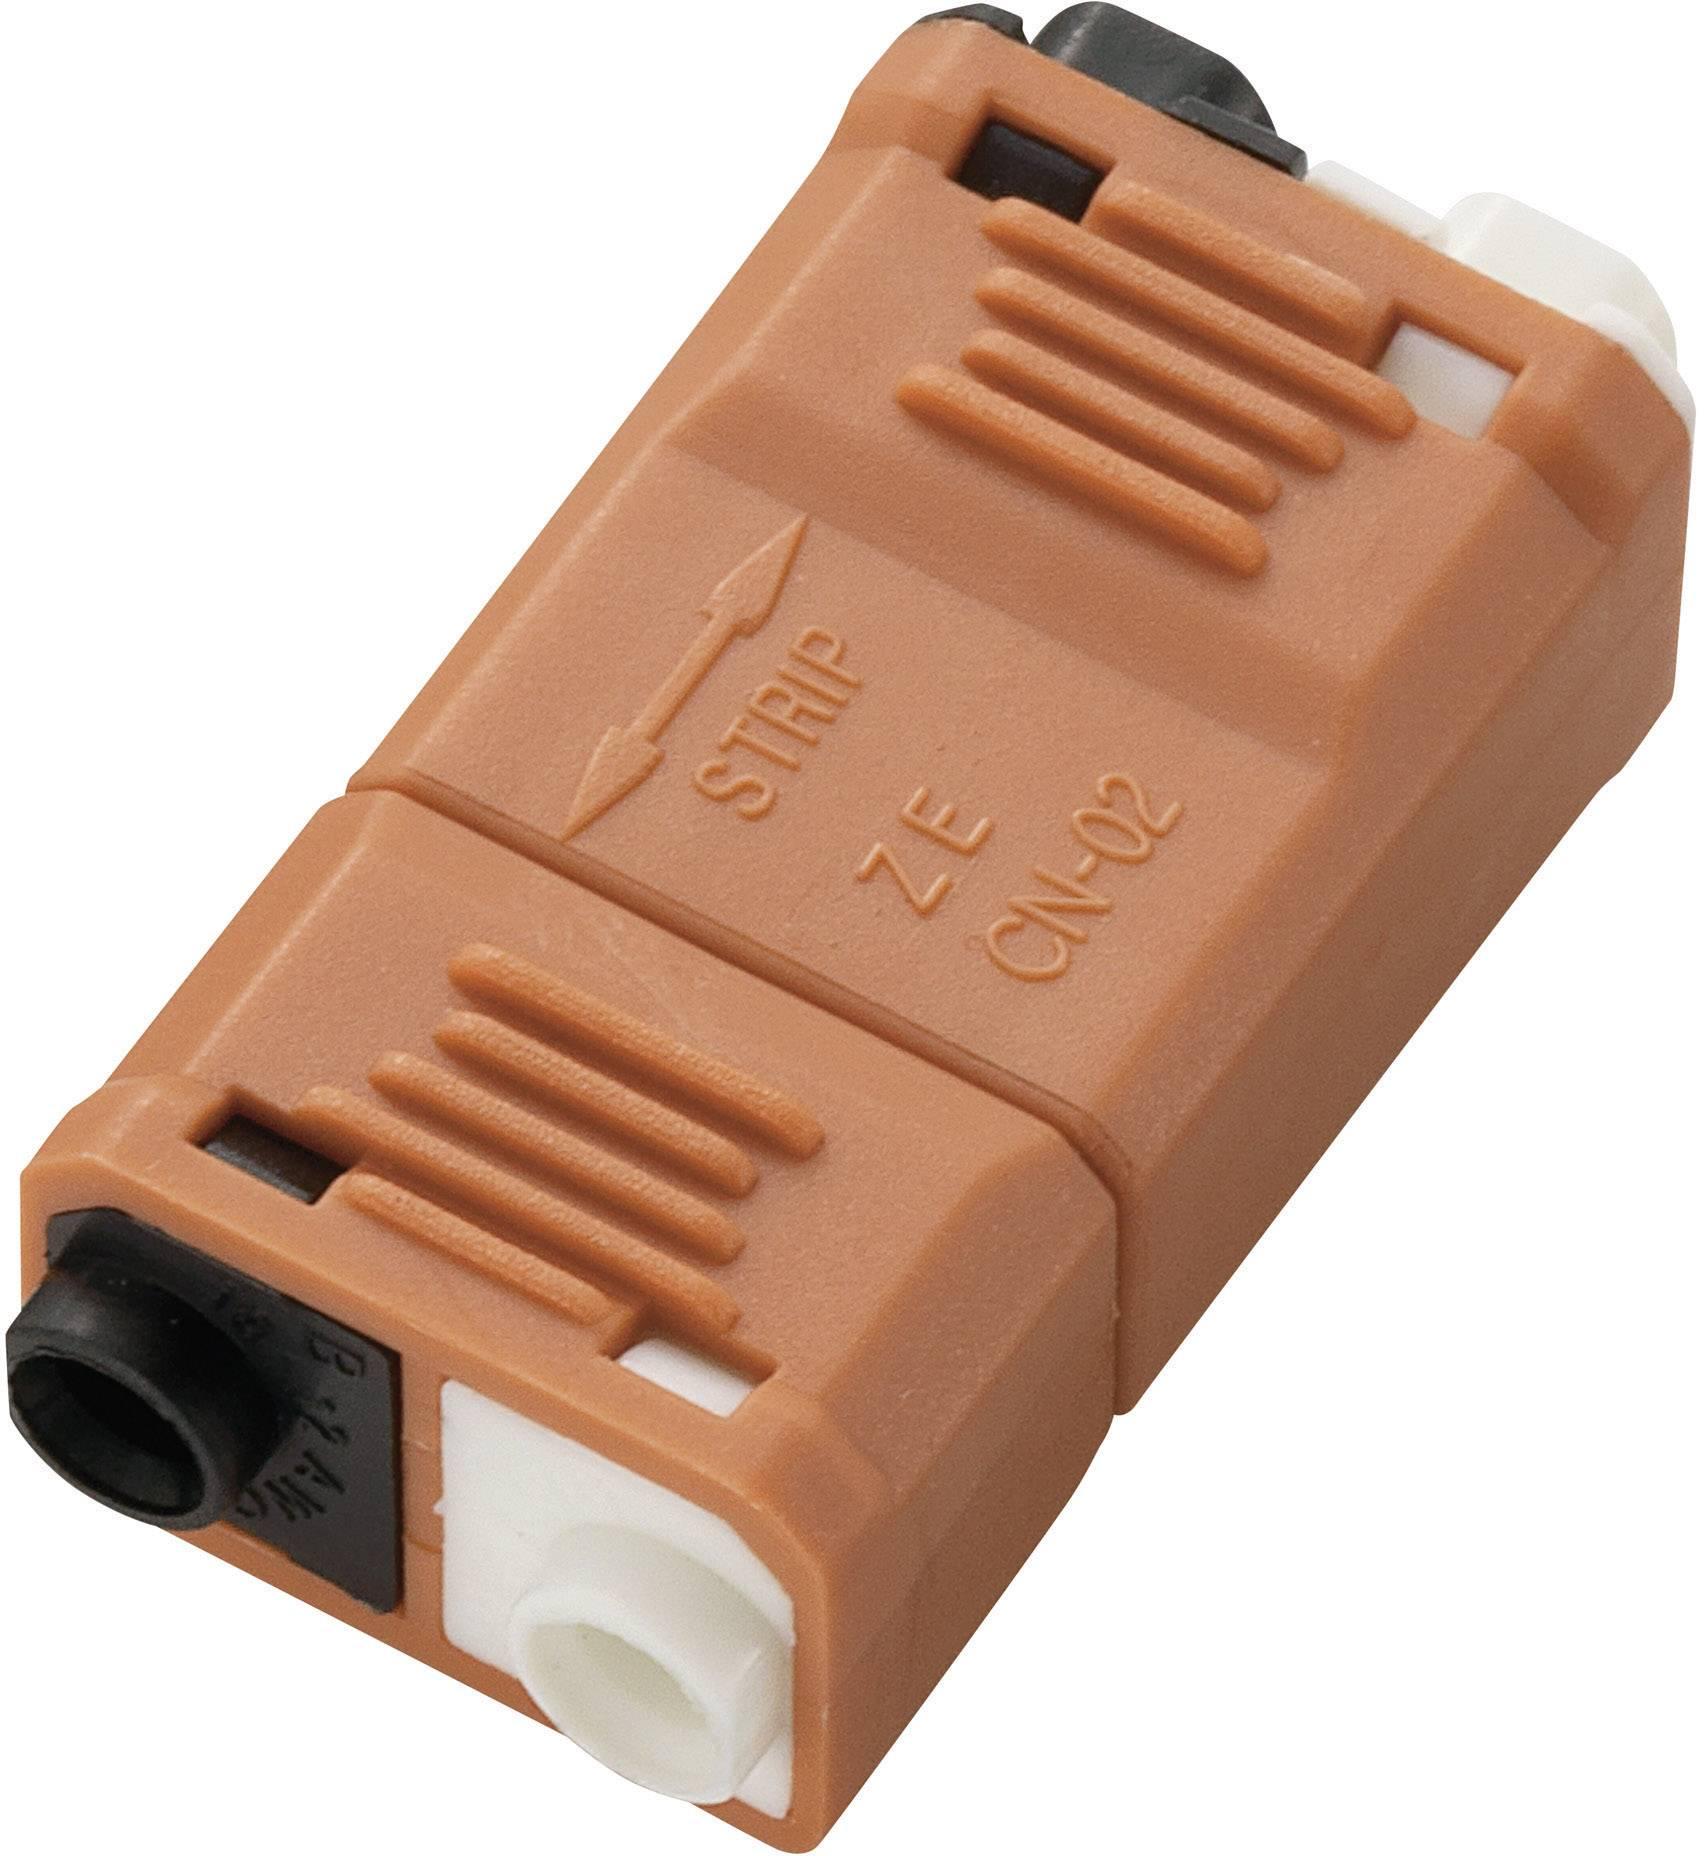 Nízkonapěťový konektor 547189 na kábel s rozmerom - , tuhosť 0.824-3.307 mm², počet pinov 2, 1 ks, oranžová